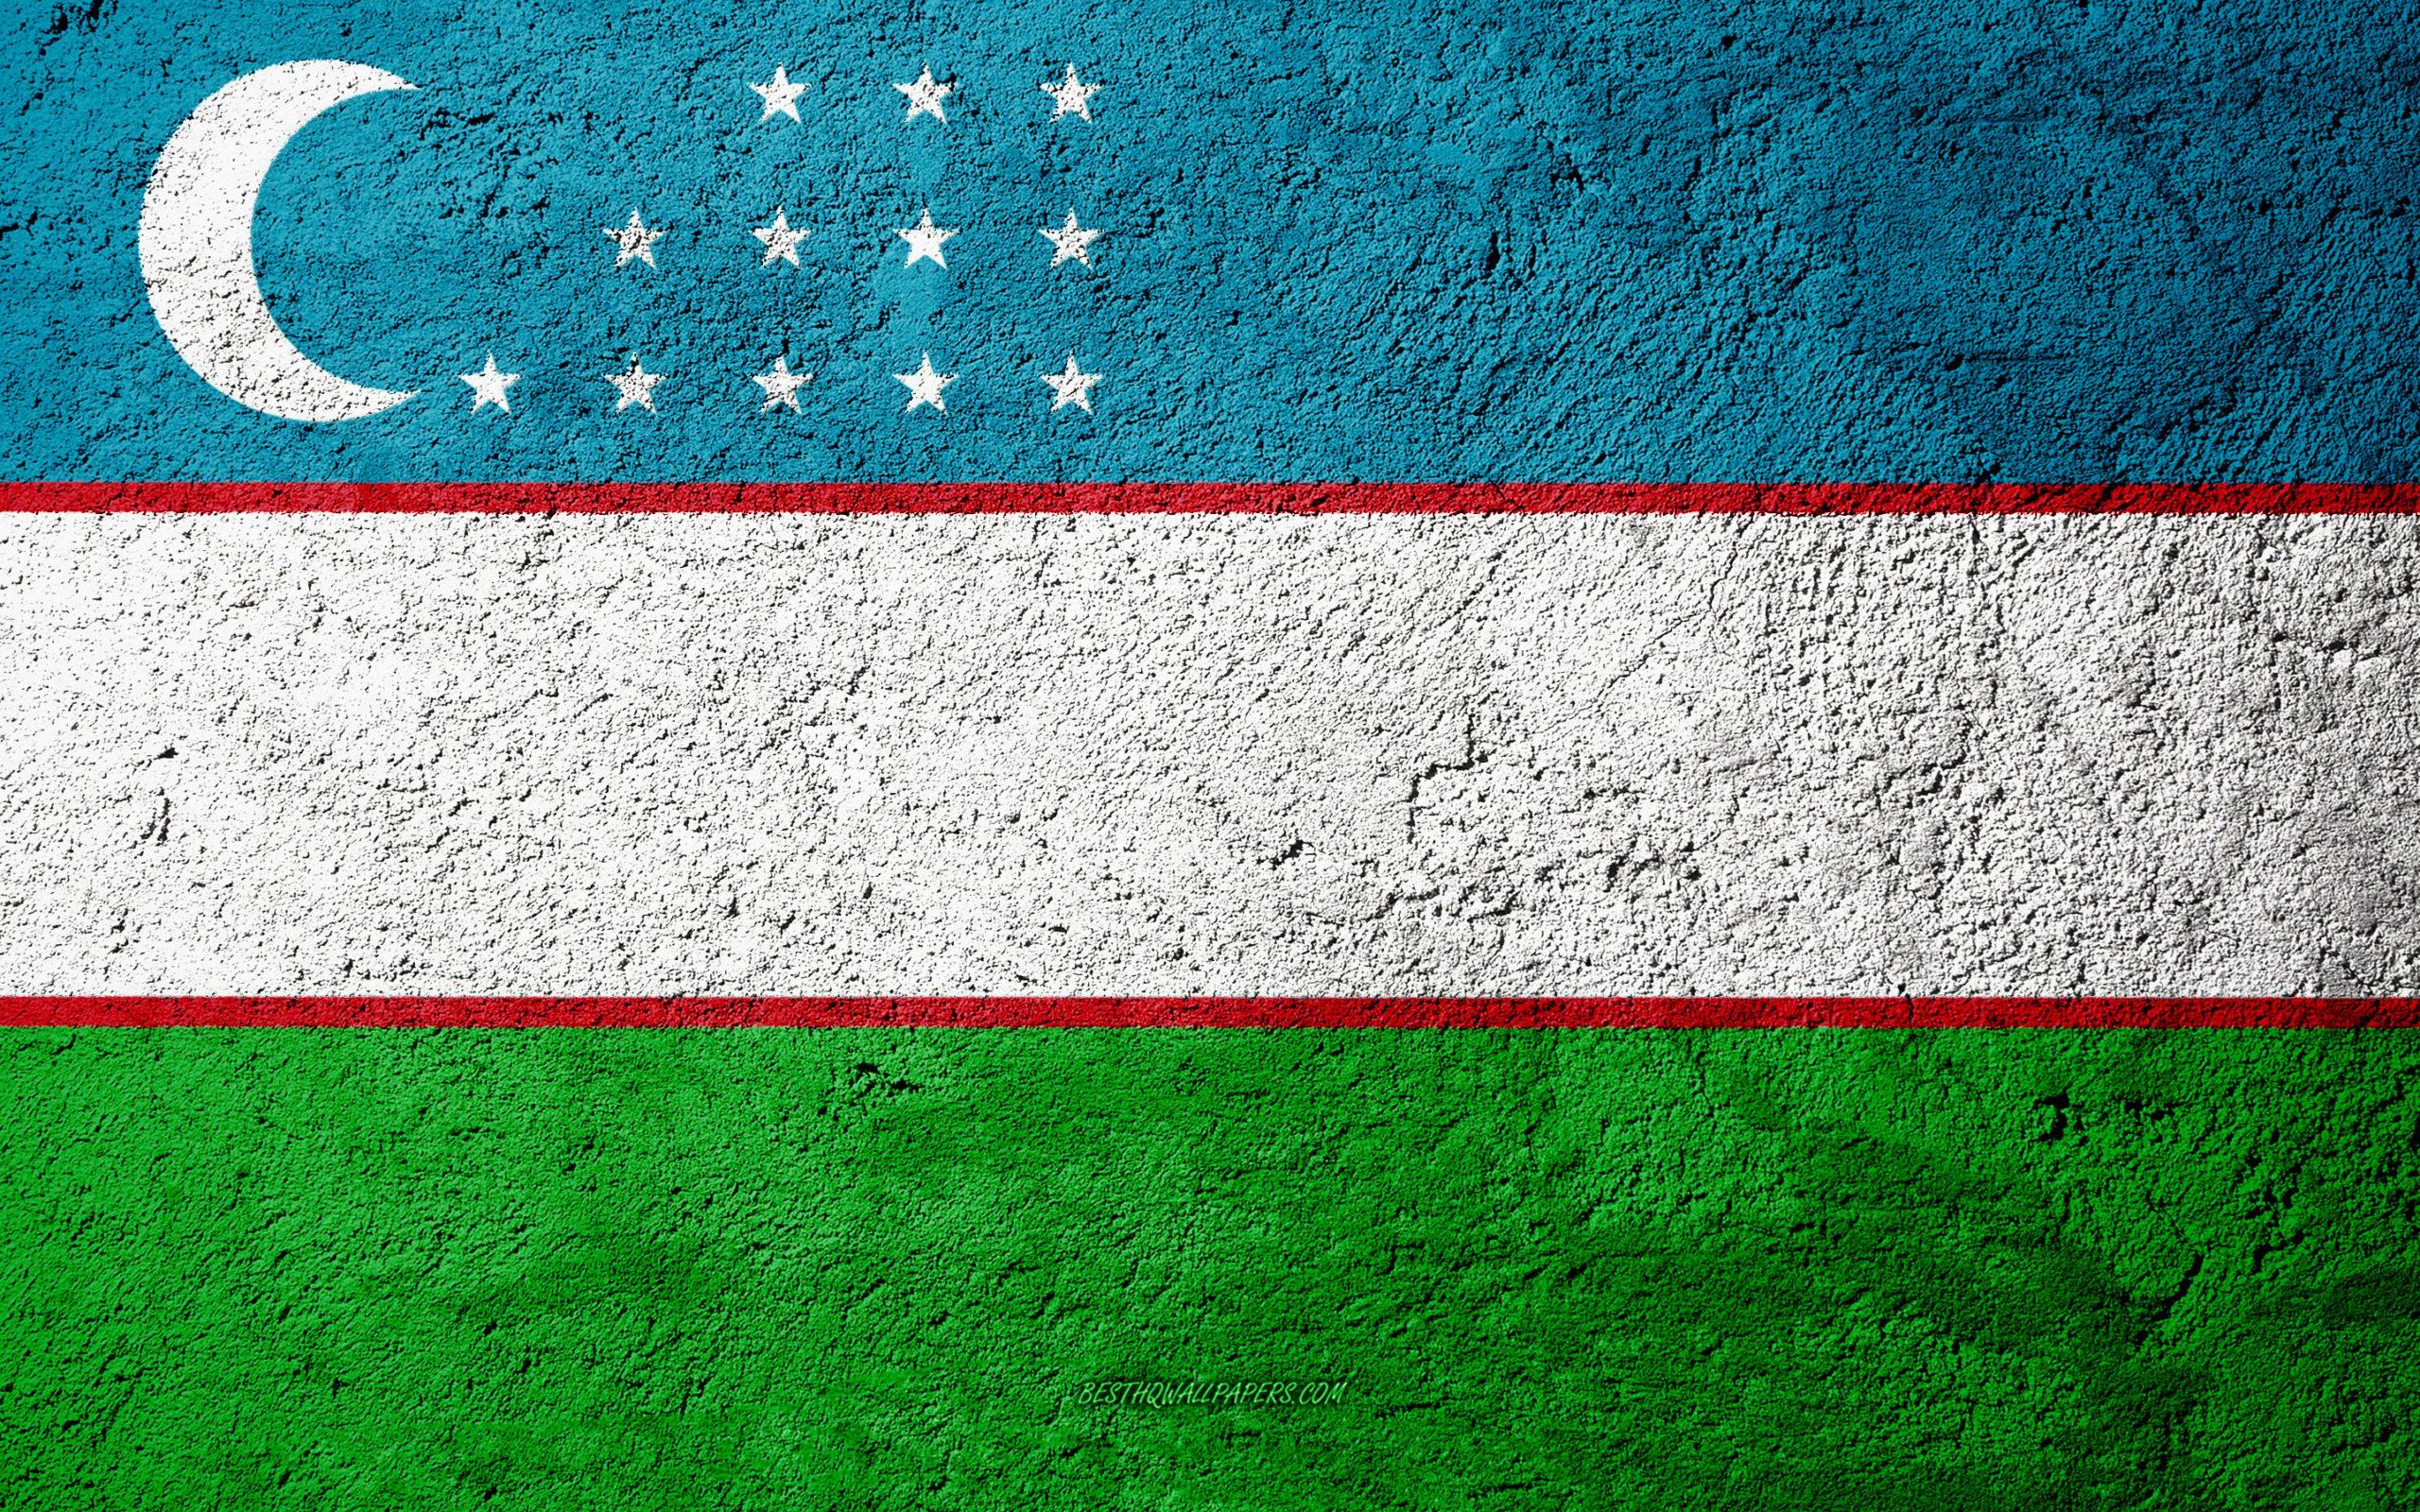 Узбекистан может стать крупнейшим государством-членом ЕАЭС после России